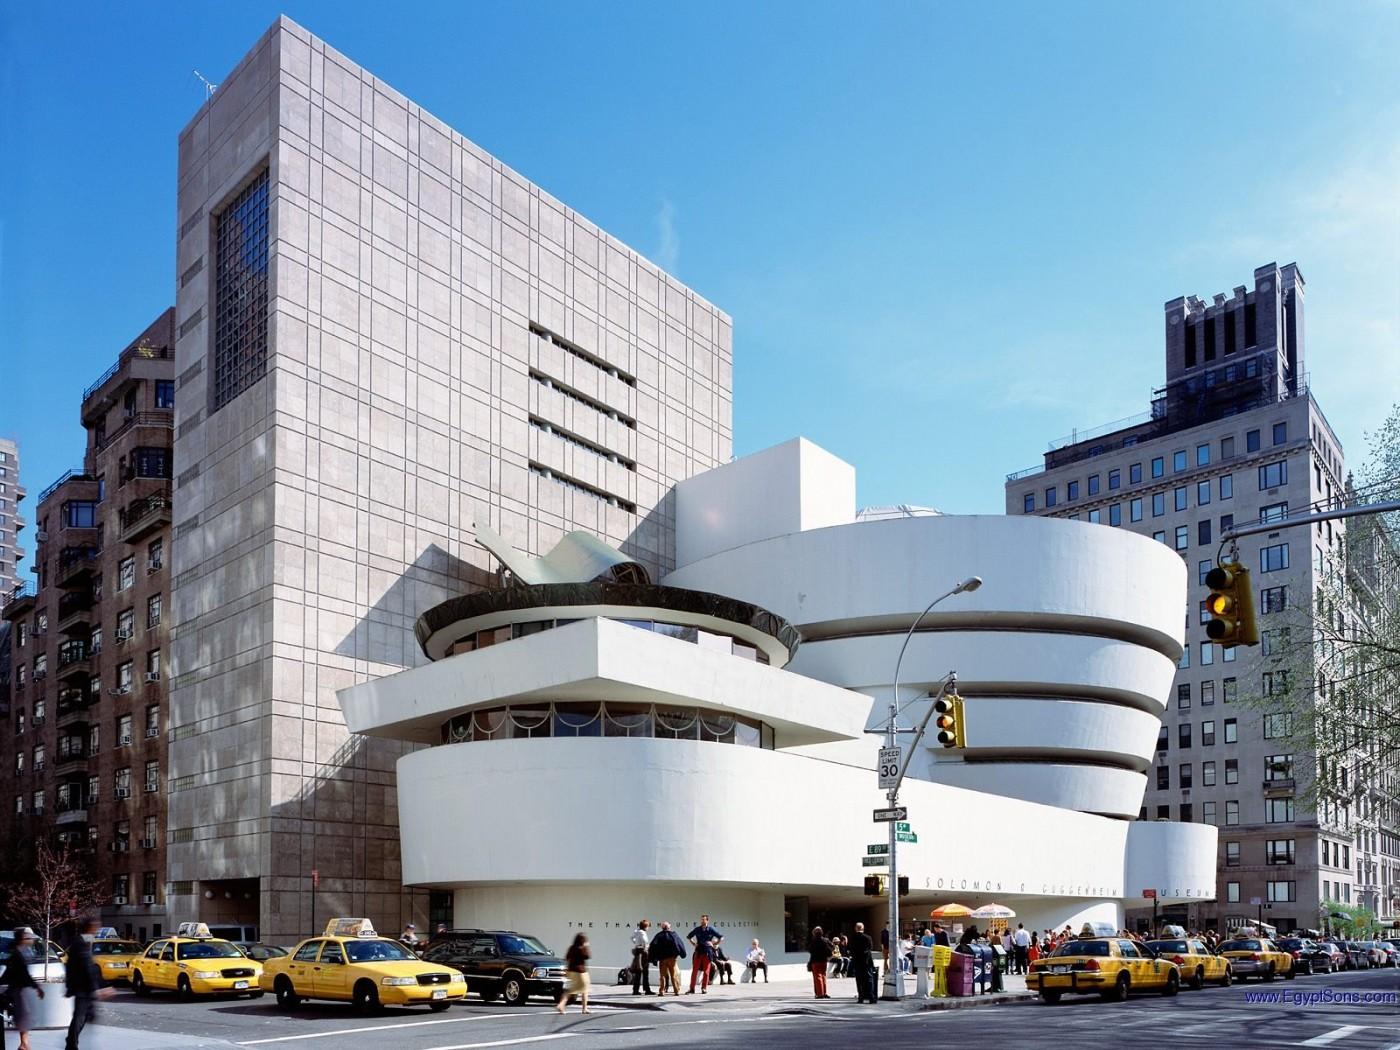 Ню йорк музей гугенхайм